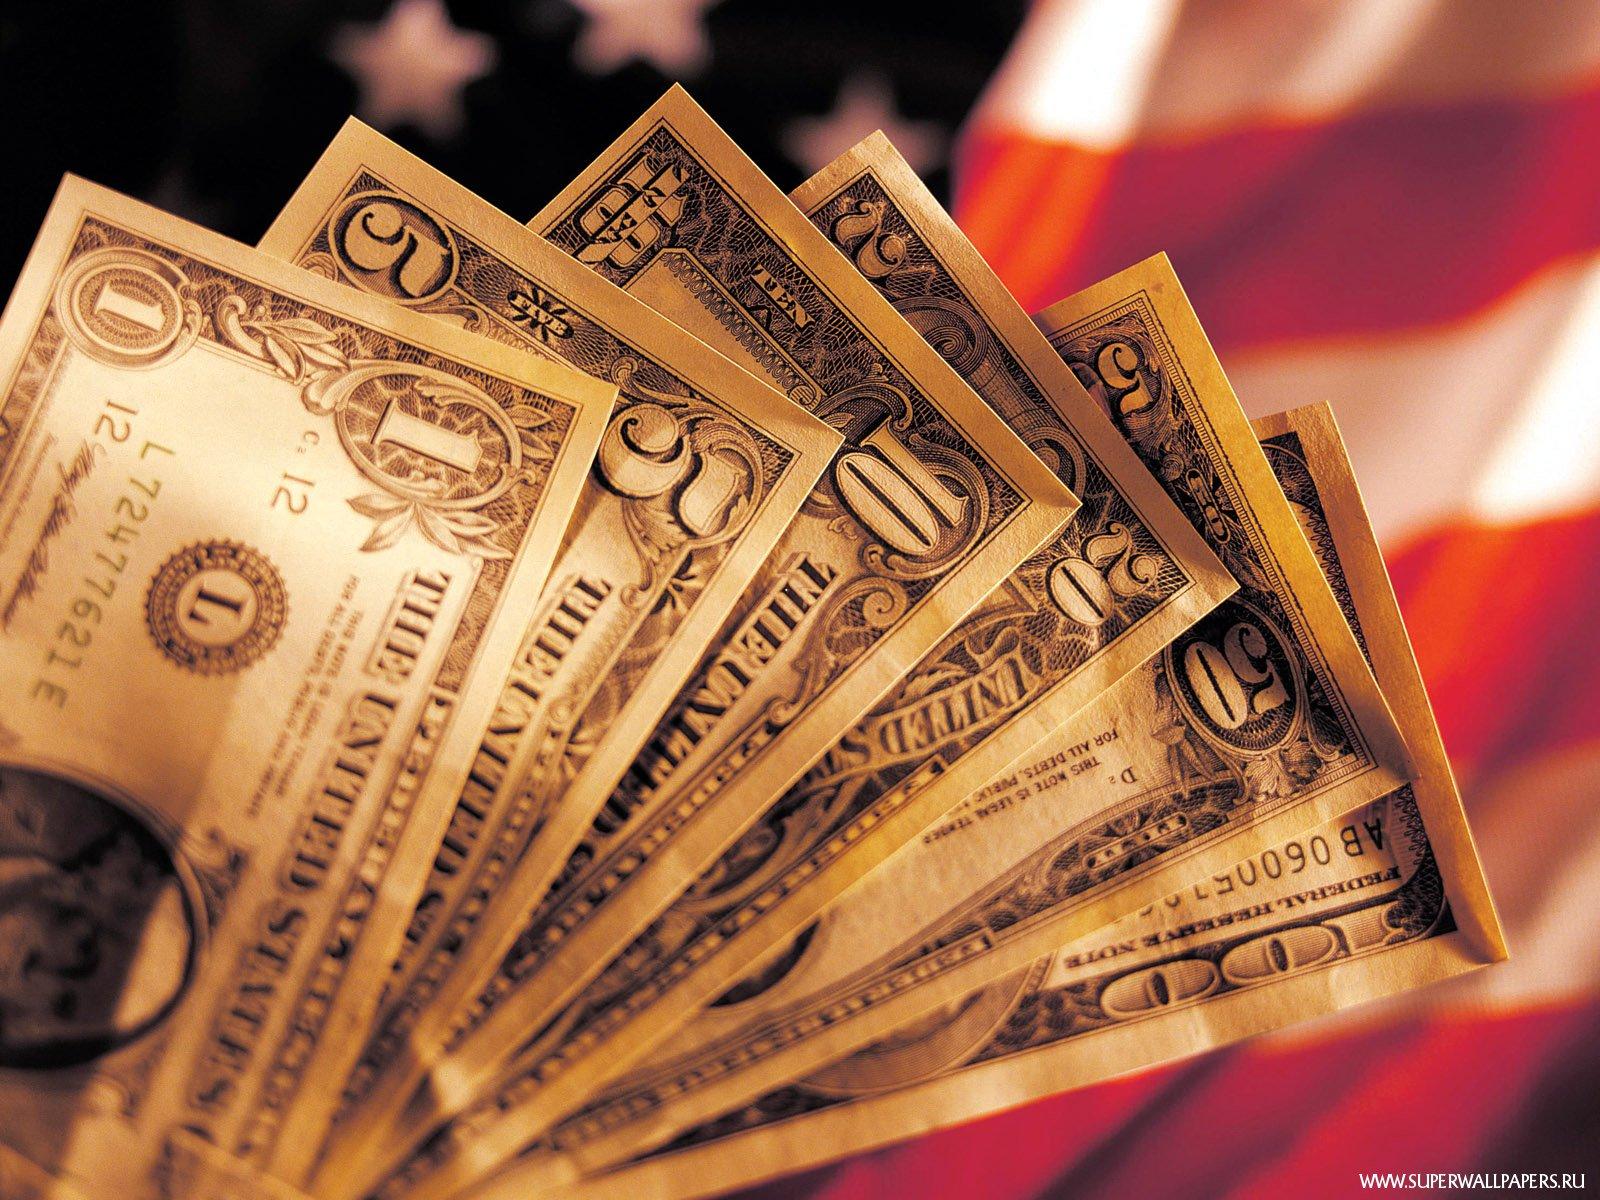 ... рабочего стола скачать бесплатно: картинки.cc/деньги-картинки-заставки...